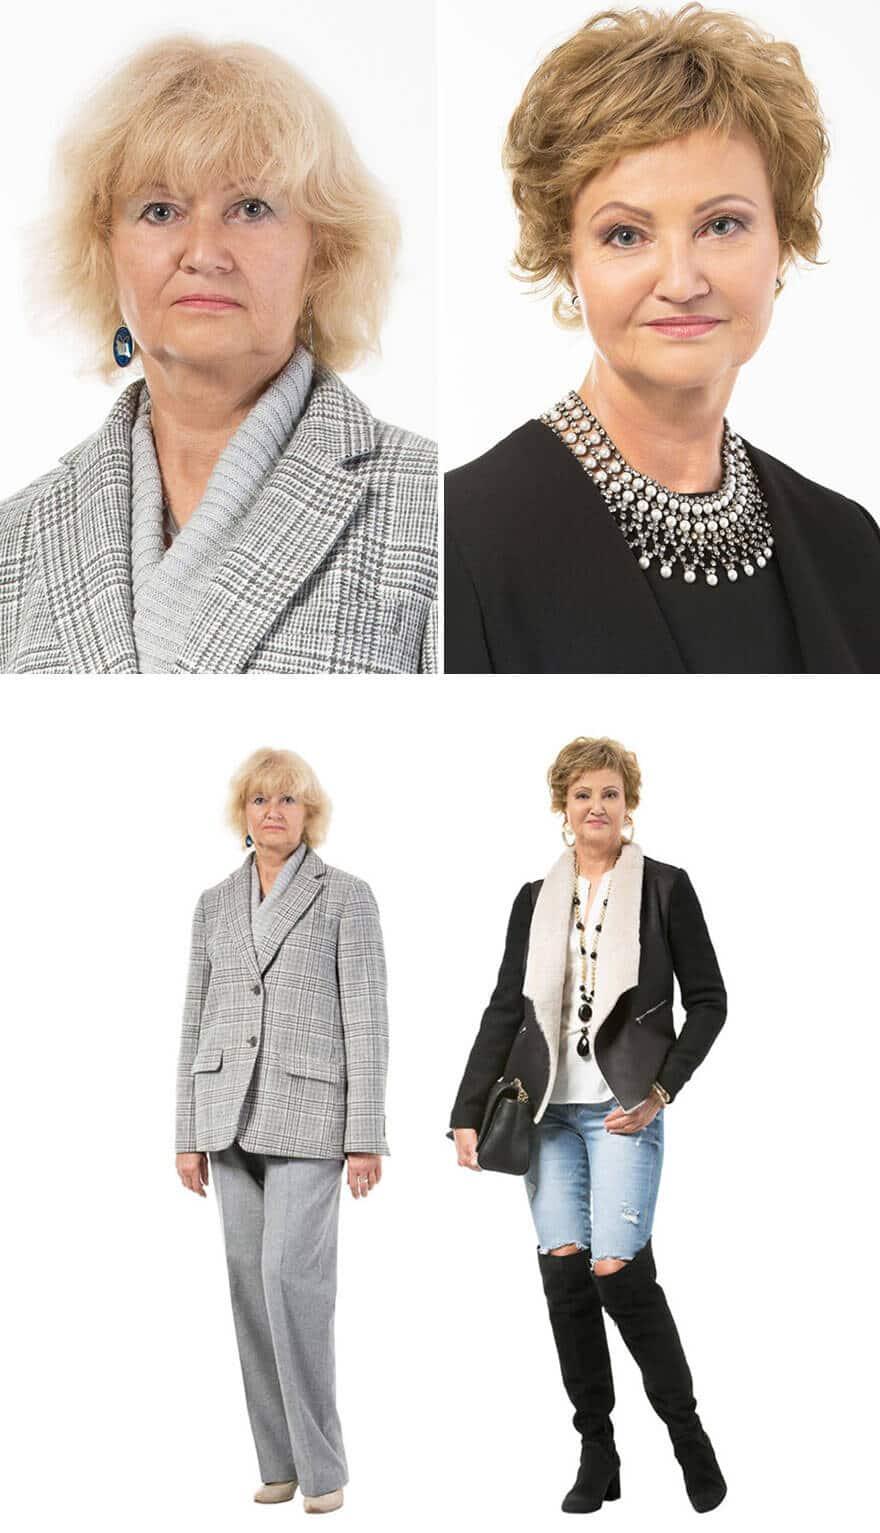 Frisur Trends für Damen mit kurzen Haaren - neuer Look mit Bogomolov Image